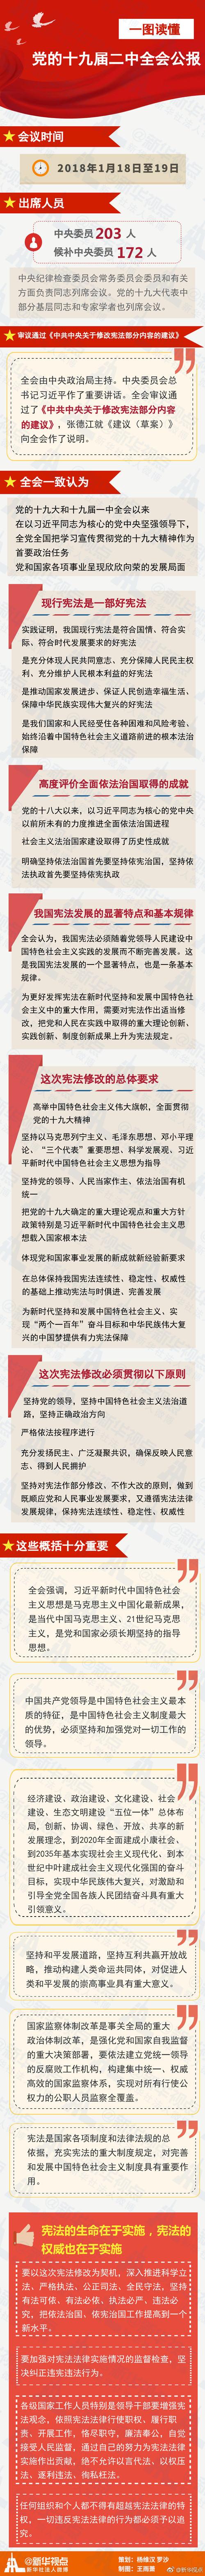 金沙国际娱乐场网址:精华来了!速读党的十九届二中全会公报!